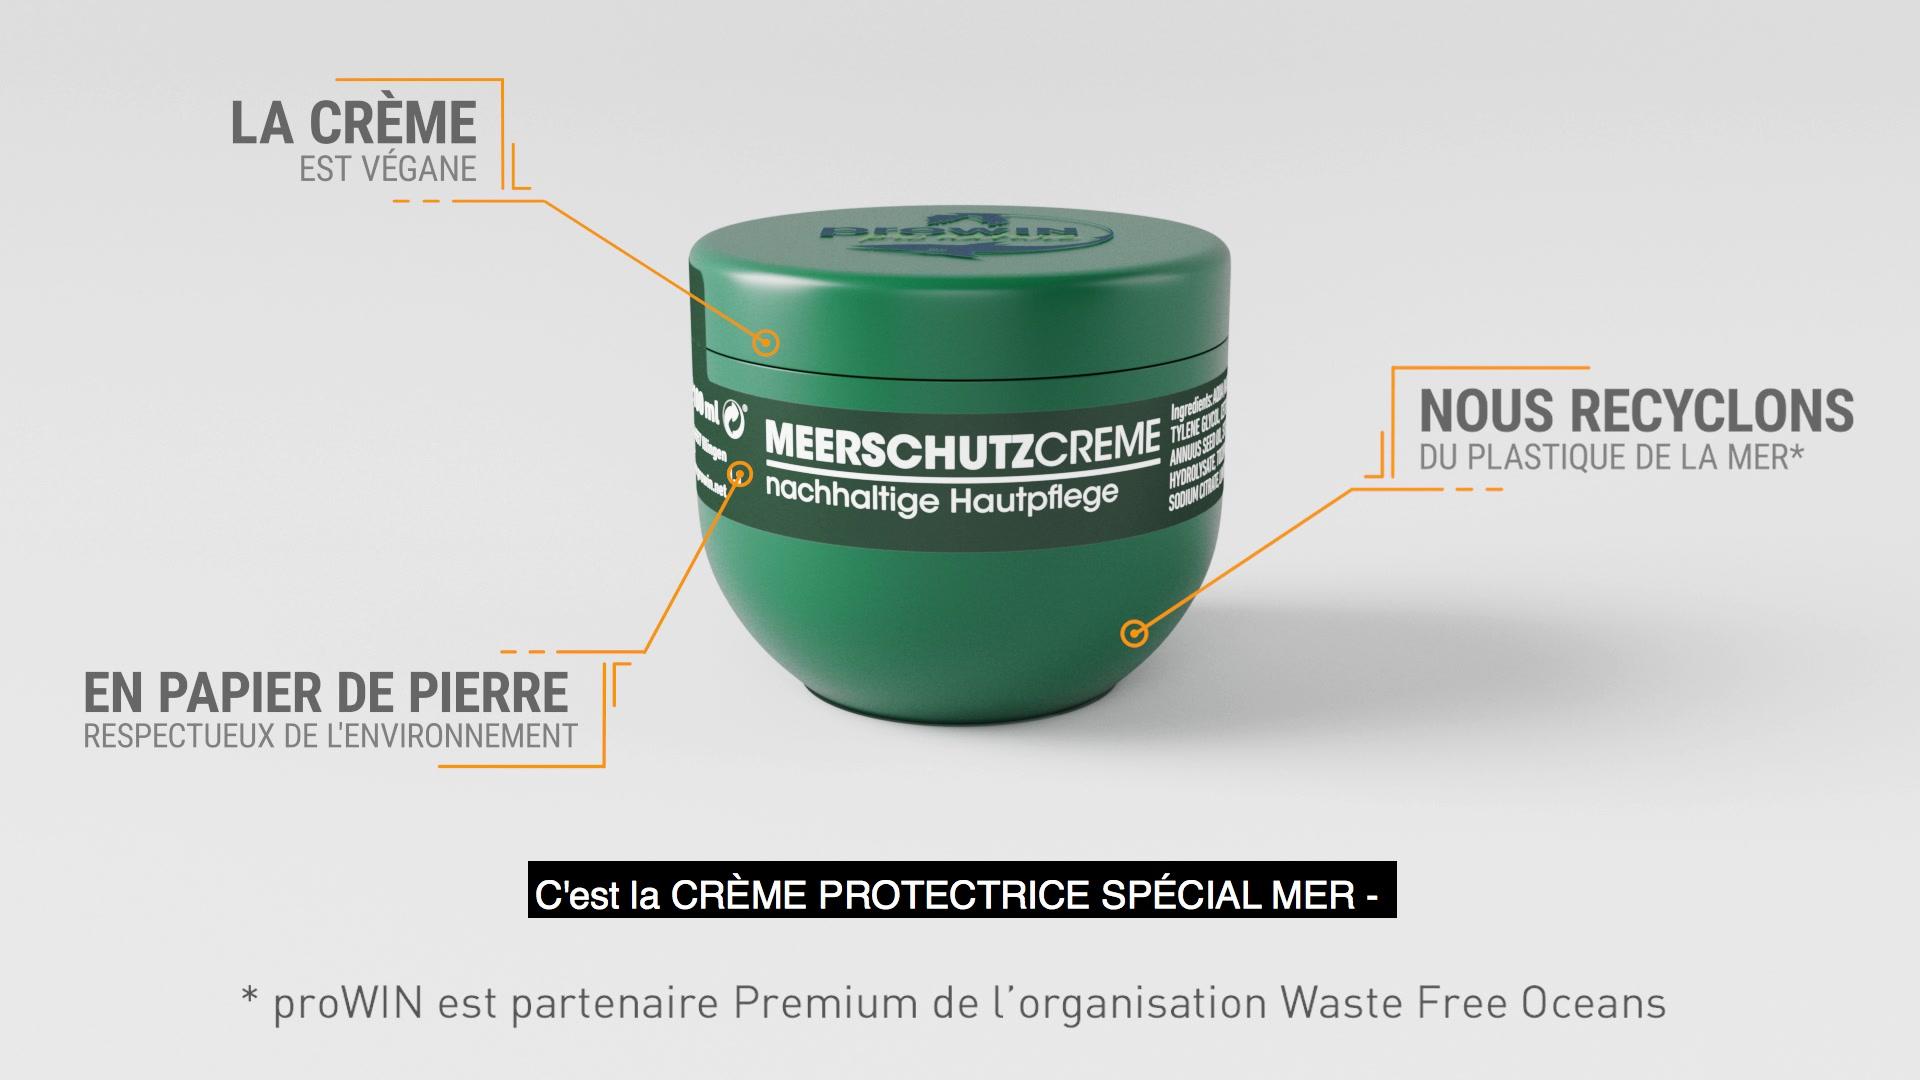 La Crème protectrice spécial Mer - protège la mer et la peau.